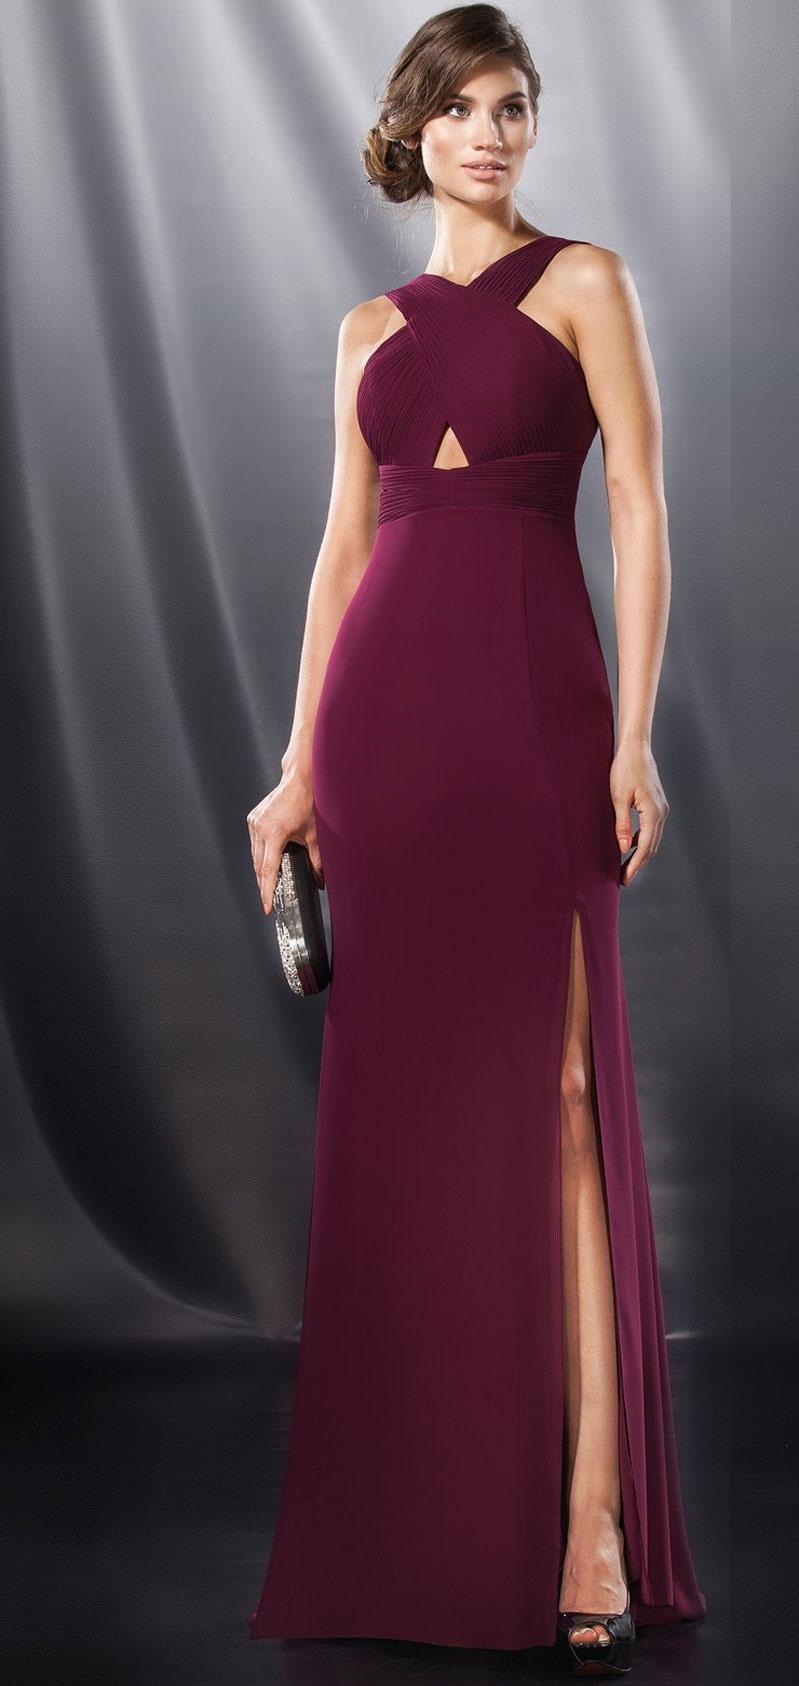 10 Schön Exklusive Abendkleider Galerie10 Luxus Exklusive Abendkleider Design